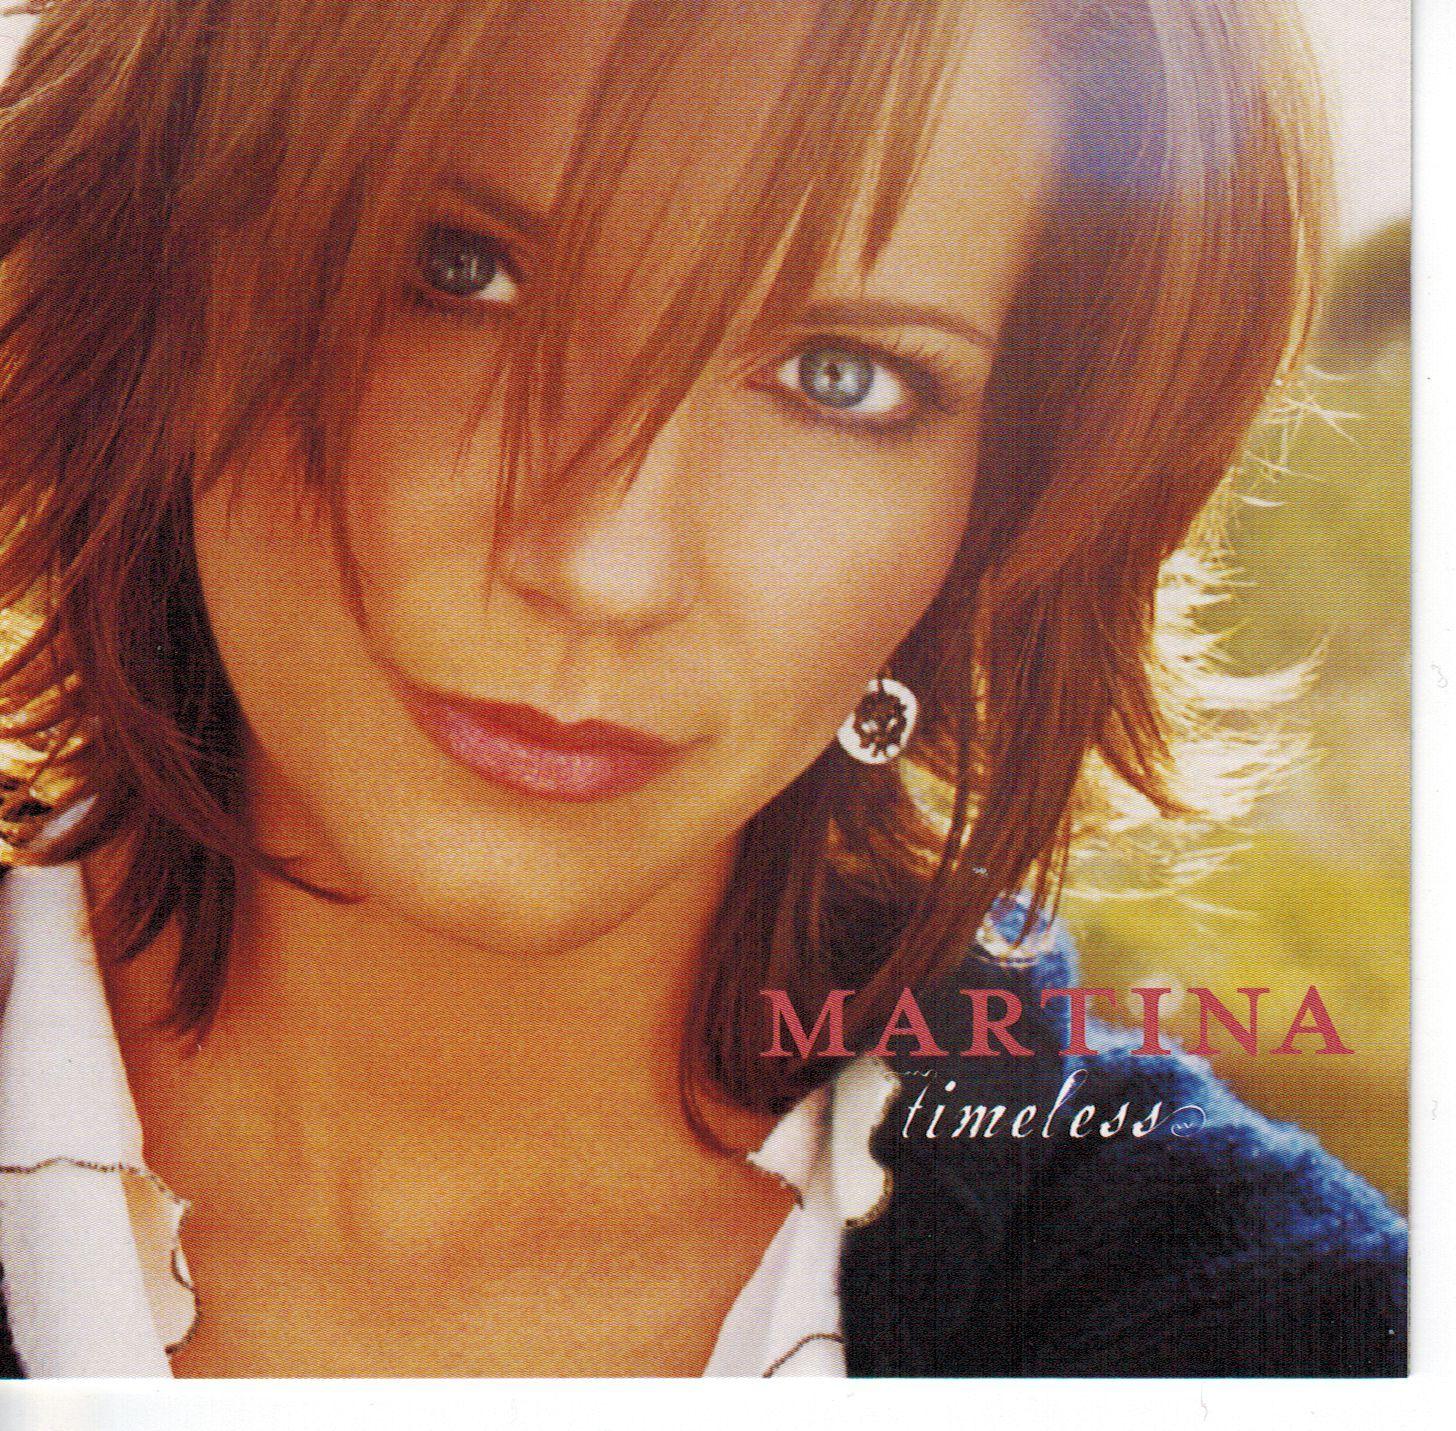 Martina McBride - Timeless - Album Cover